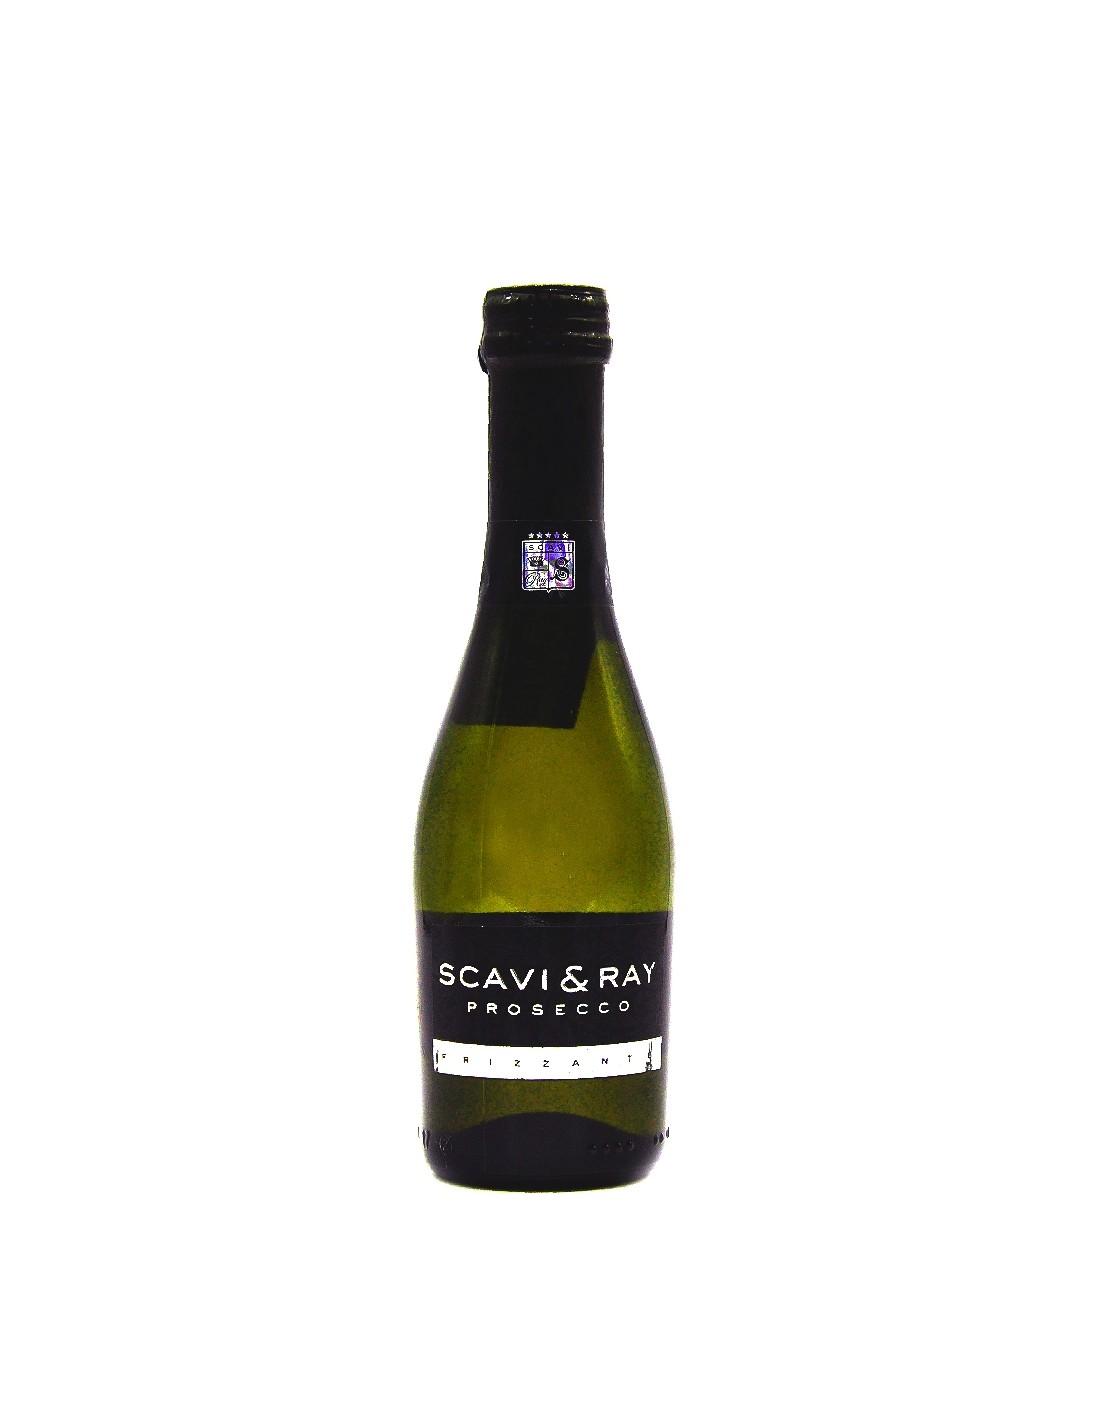 Frizzante Wine, Scavi&Ray Prosecco, 10.5% alc., 0.2L